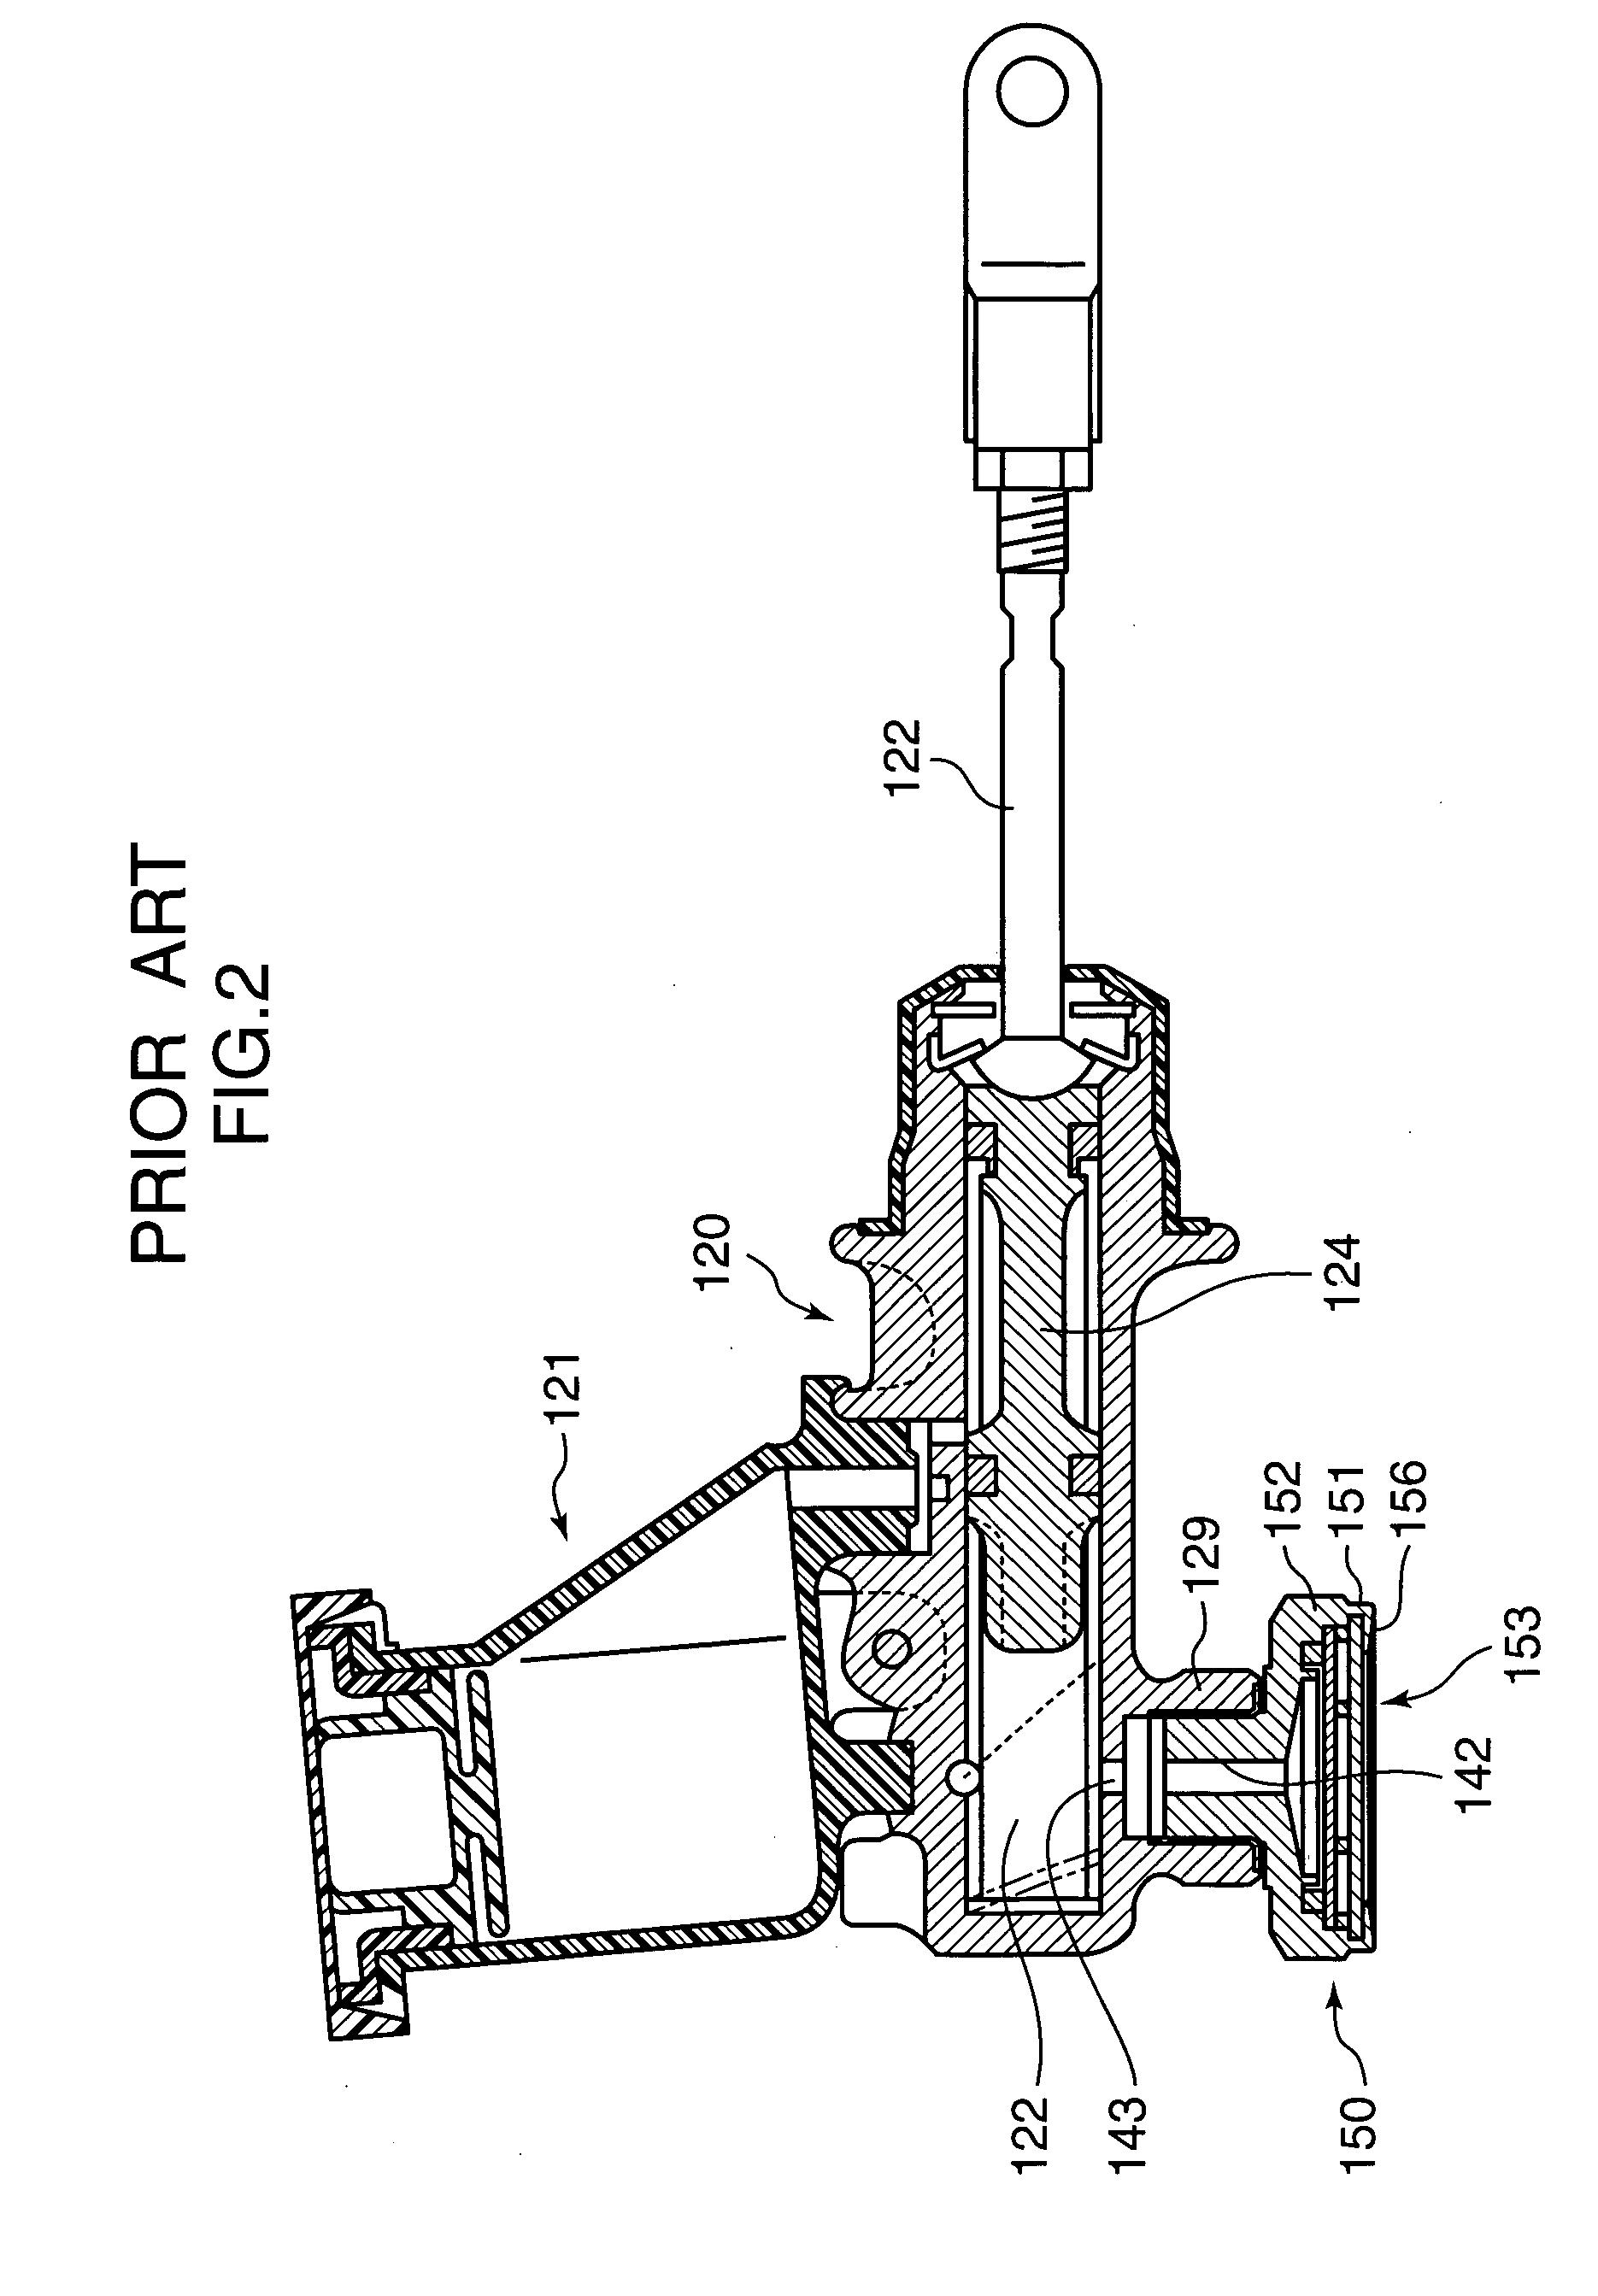 jaybrake master cylinder diagram